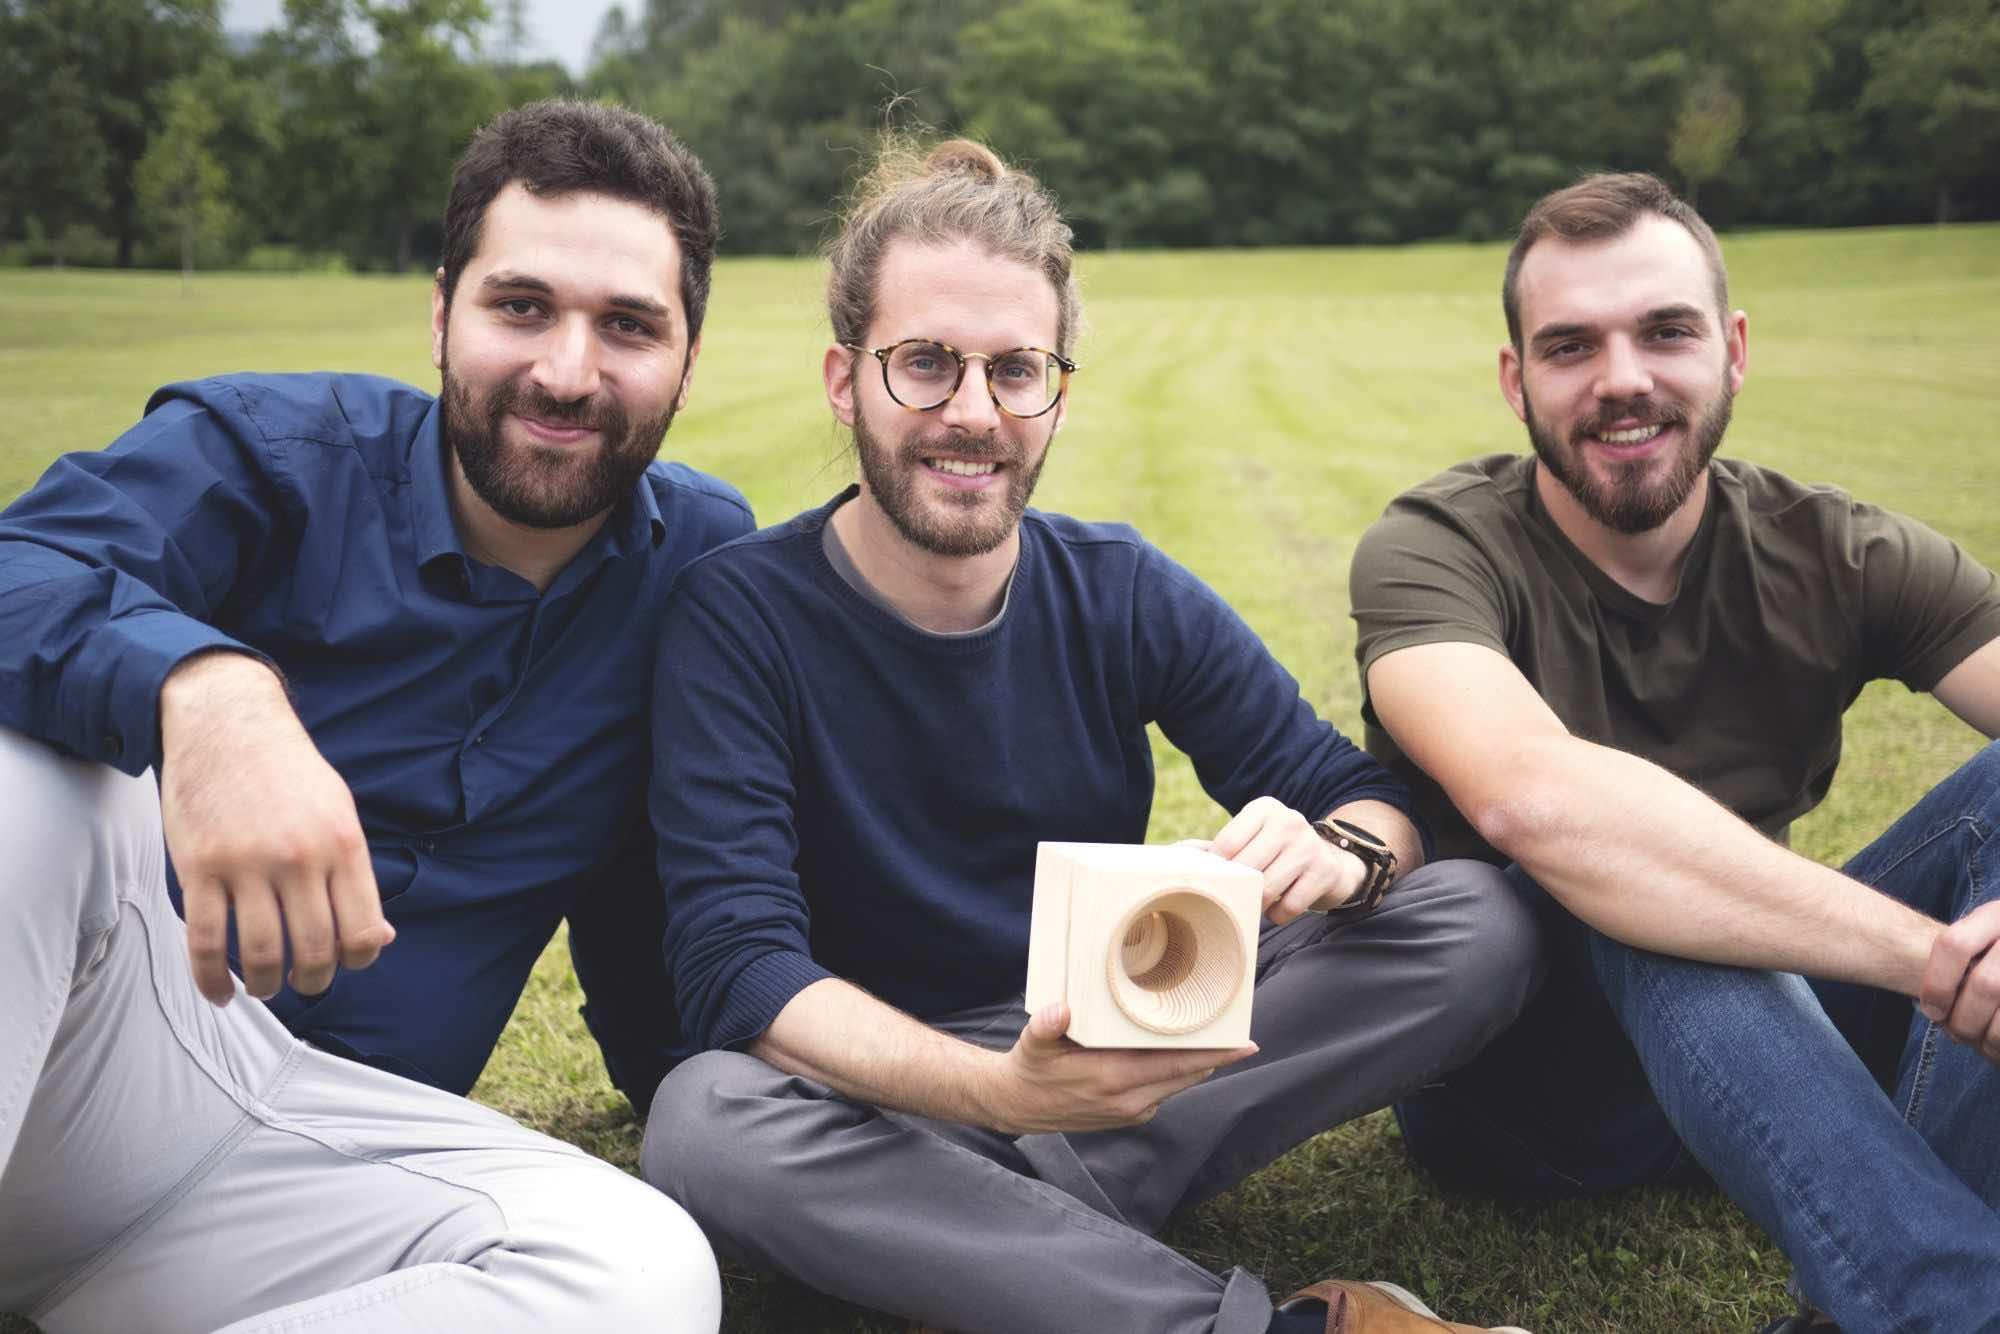 VAIA cassa acustica legno wood amplificatore passivo diffusore acustico trentino dolomiti smartphone audio audiofader ecosostenibilità